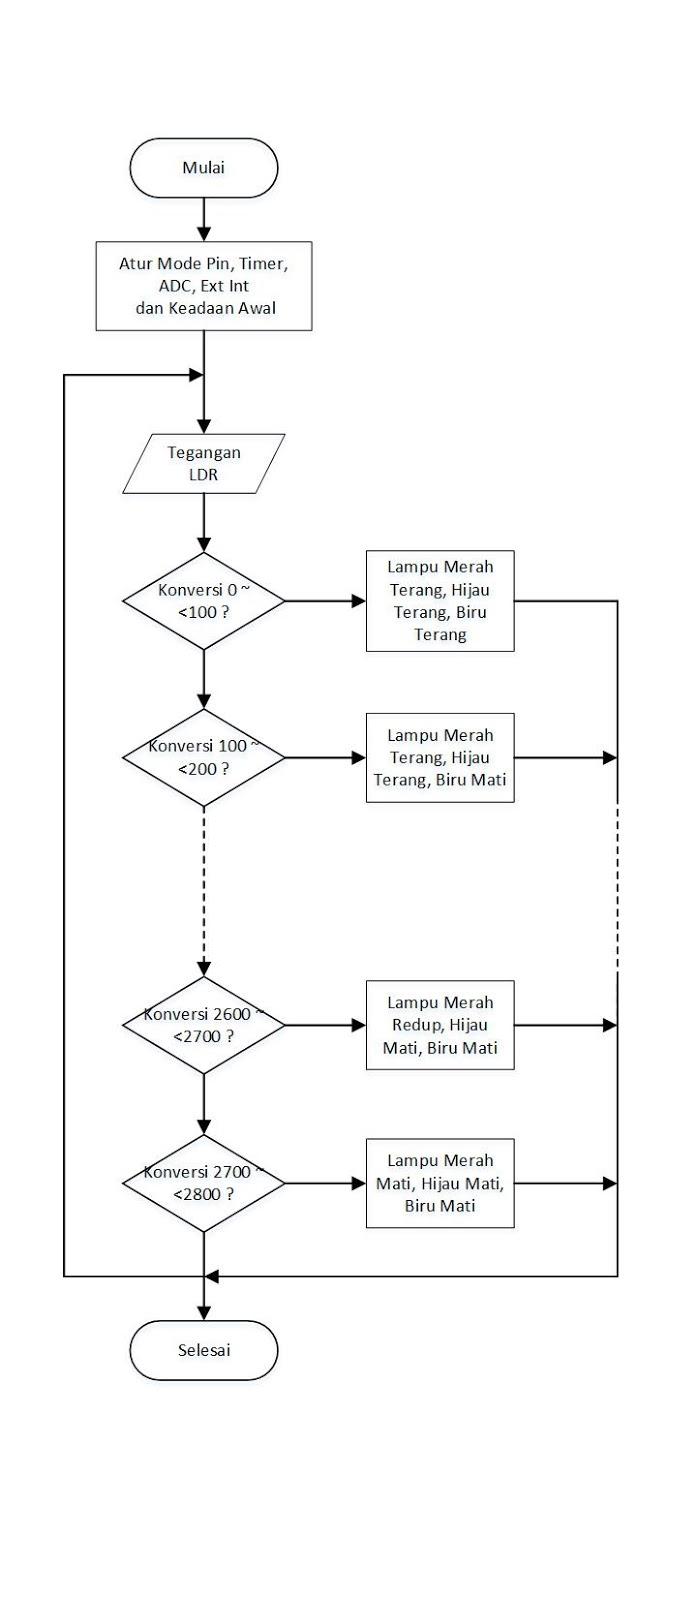 Lampu Taman Otomatis Bervariasi Dengan Arm Nuc120 Sensor Cahaya Ldr Untuk Diagram Alir Program Aplikasi Menggunakan Masukan Dan Led Serta Luaran Rgb Ac